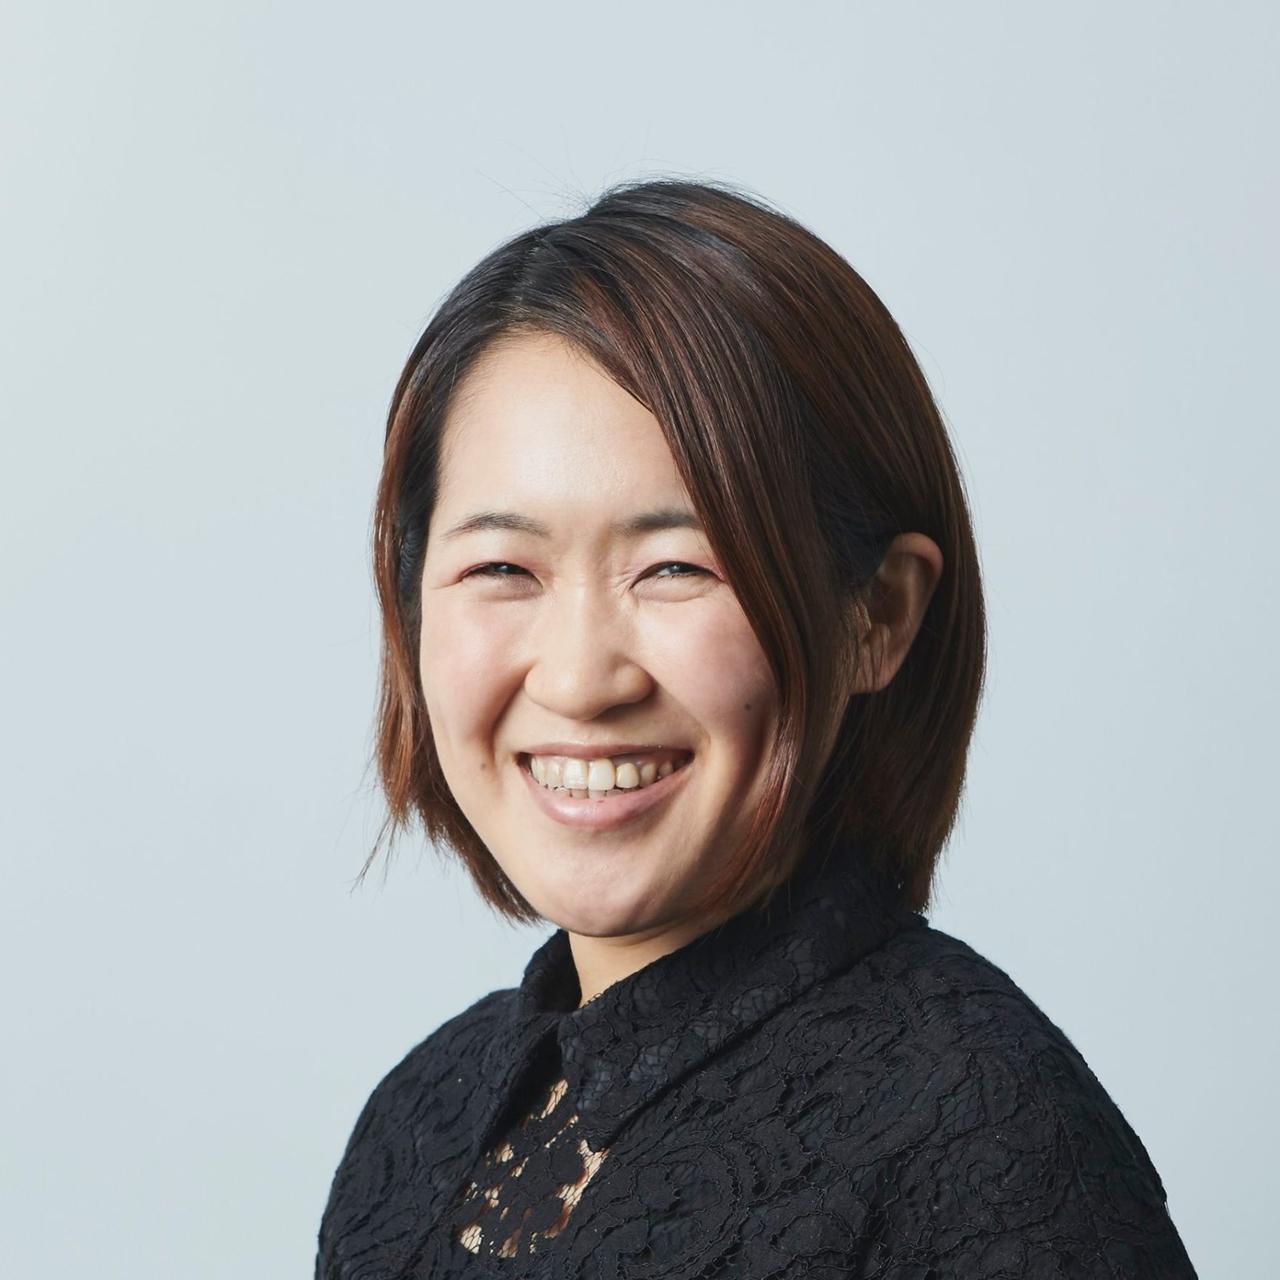 akiko_saito's Newsletter